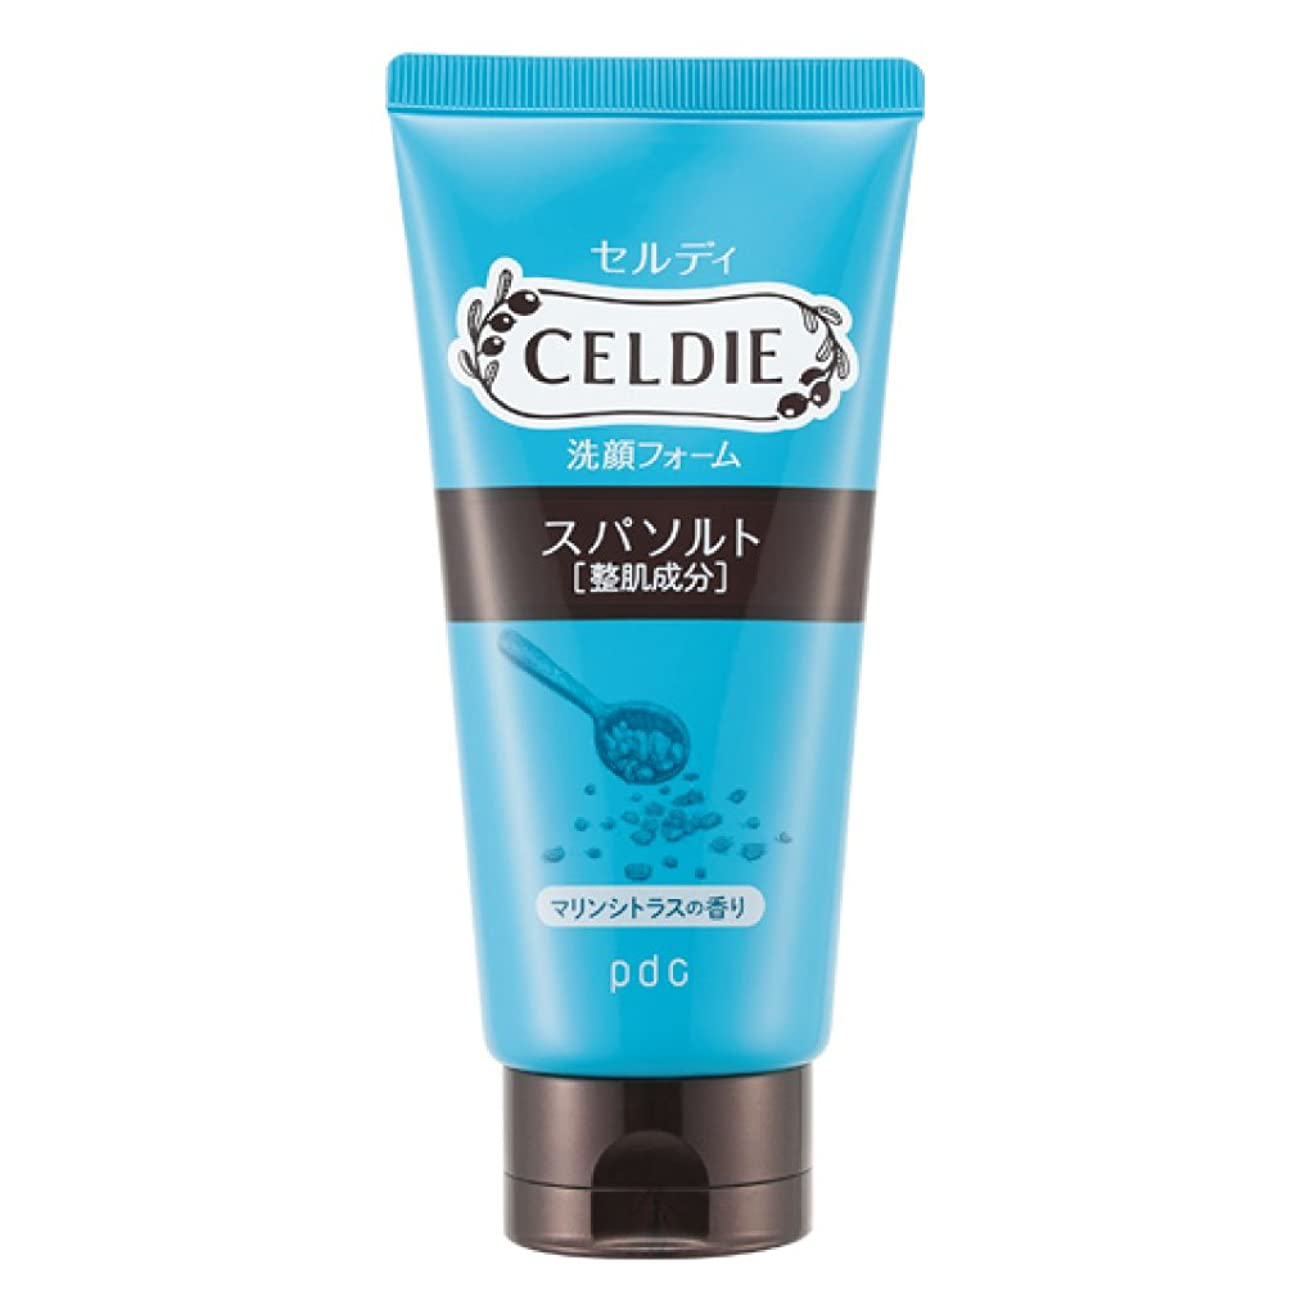 副毎日小説家CELDIE(セルディ) 美肌洗顔 スパソルト 120g